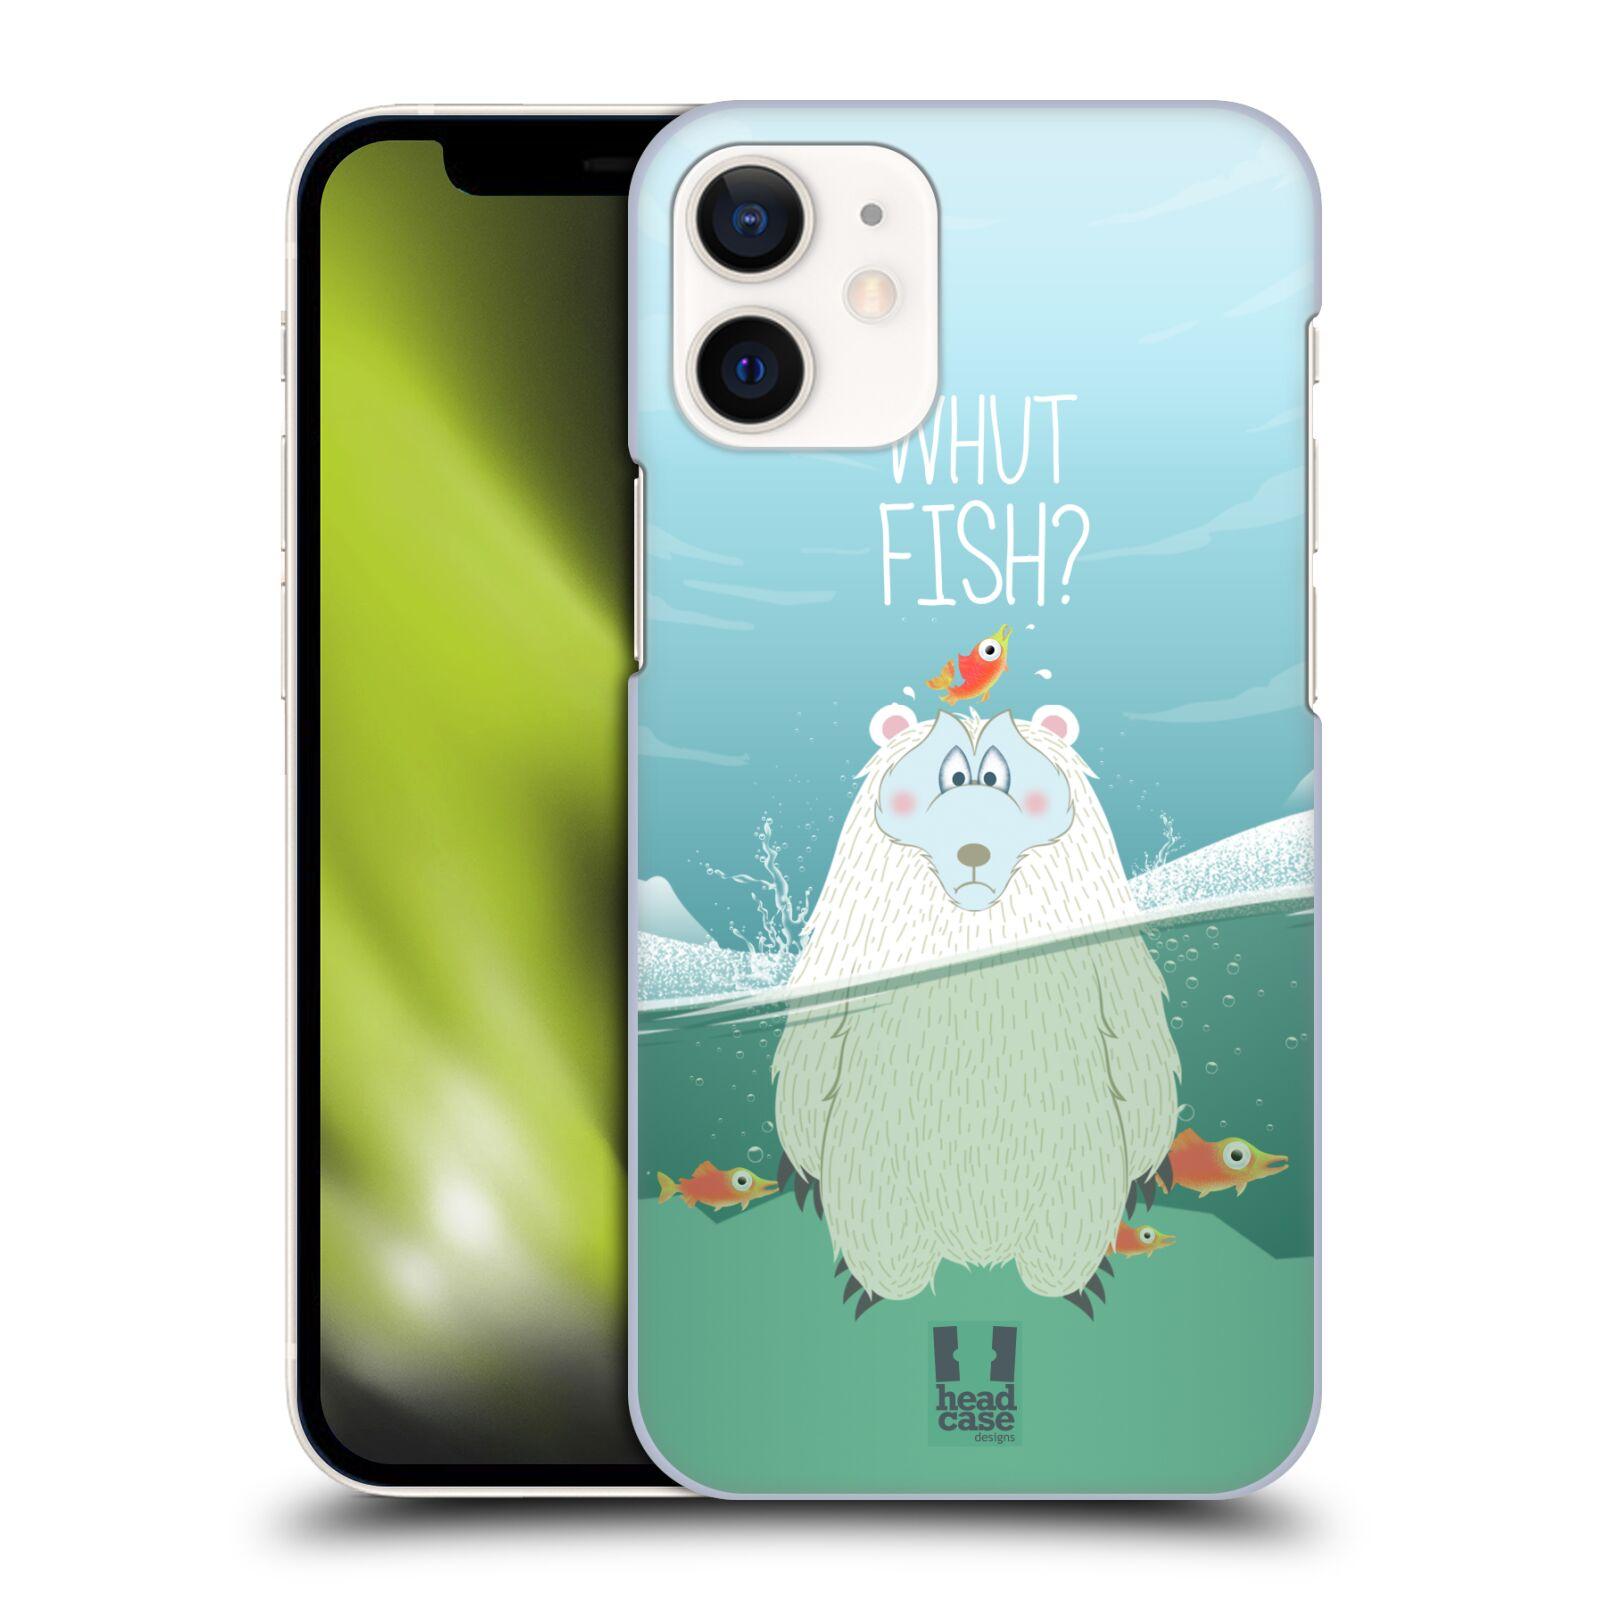 Plastové pouzdro na mobil Apple iPhone 12 Mini - Head Case - Medvěd Whut Fish?